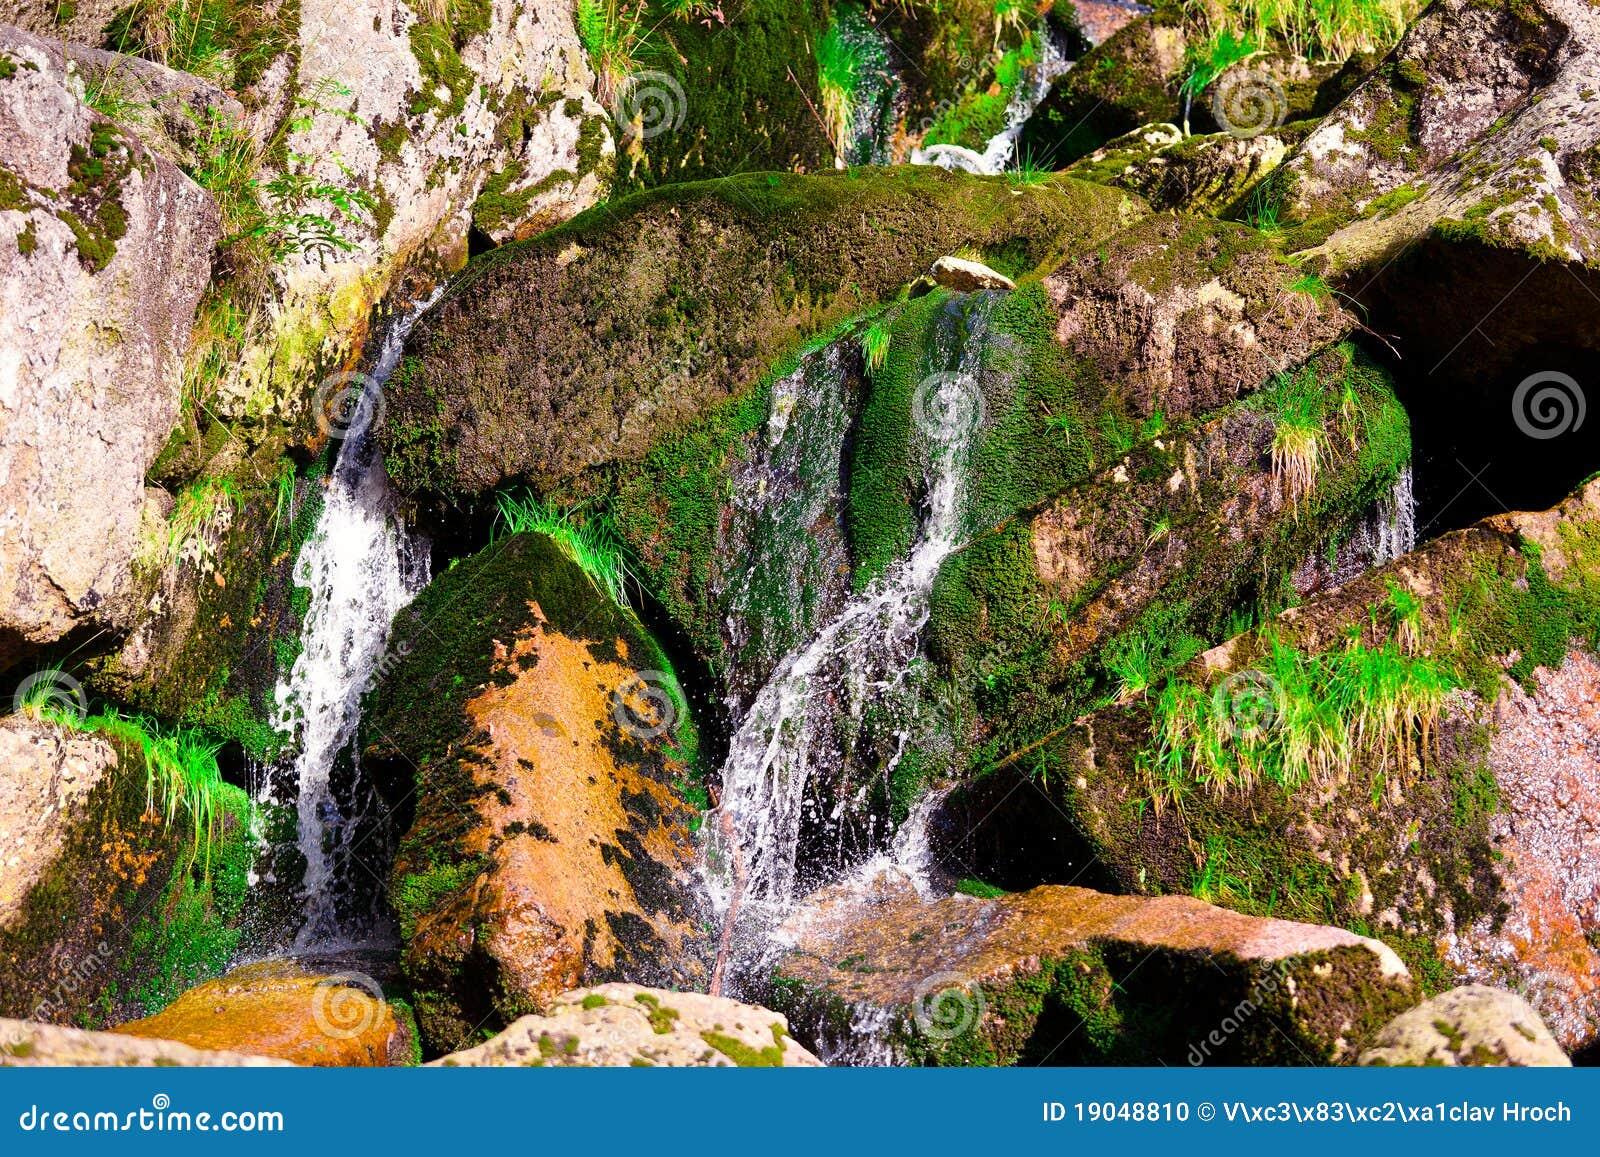 Fondo Pantalla Paisaje Cascadas Y Naturaleza: Fonditos Cascada De Las Piedras Paisajes Cascadas